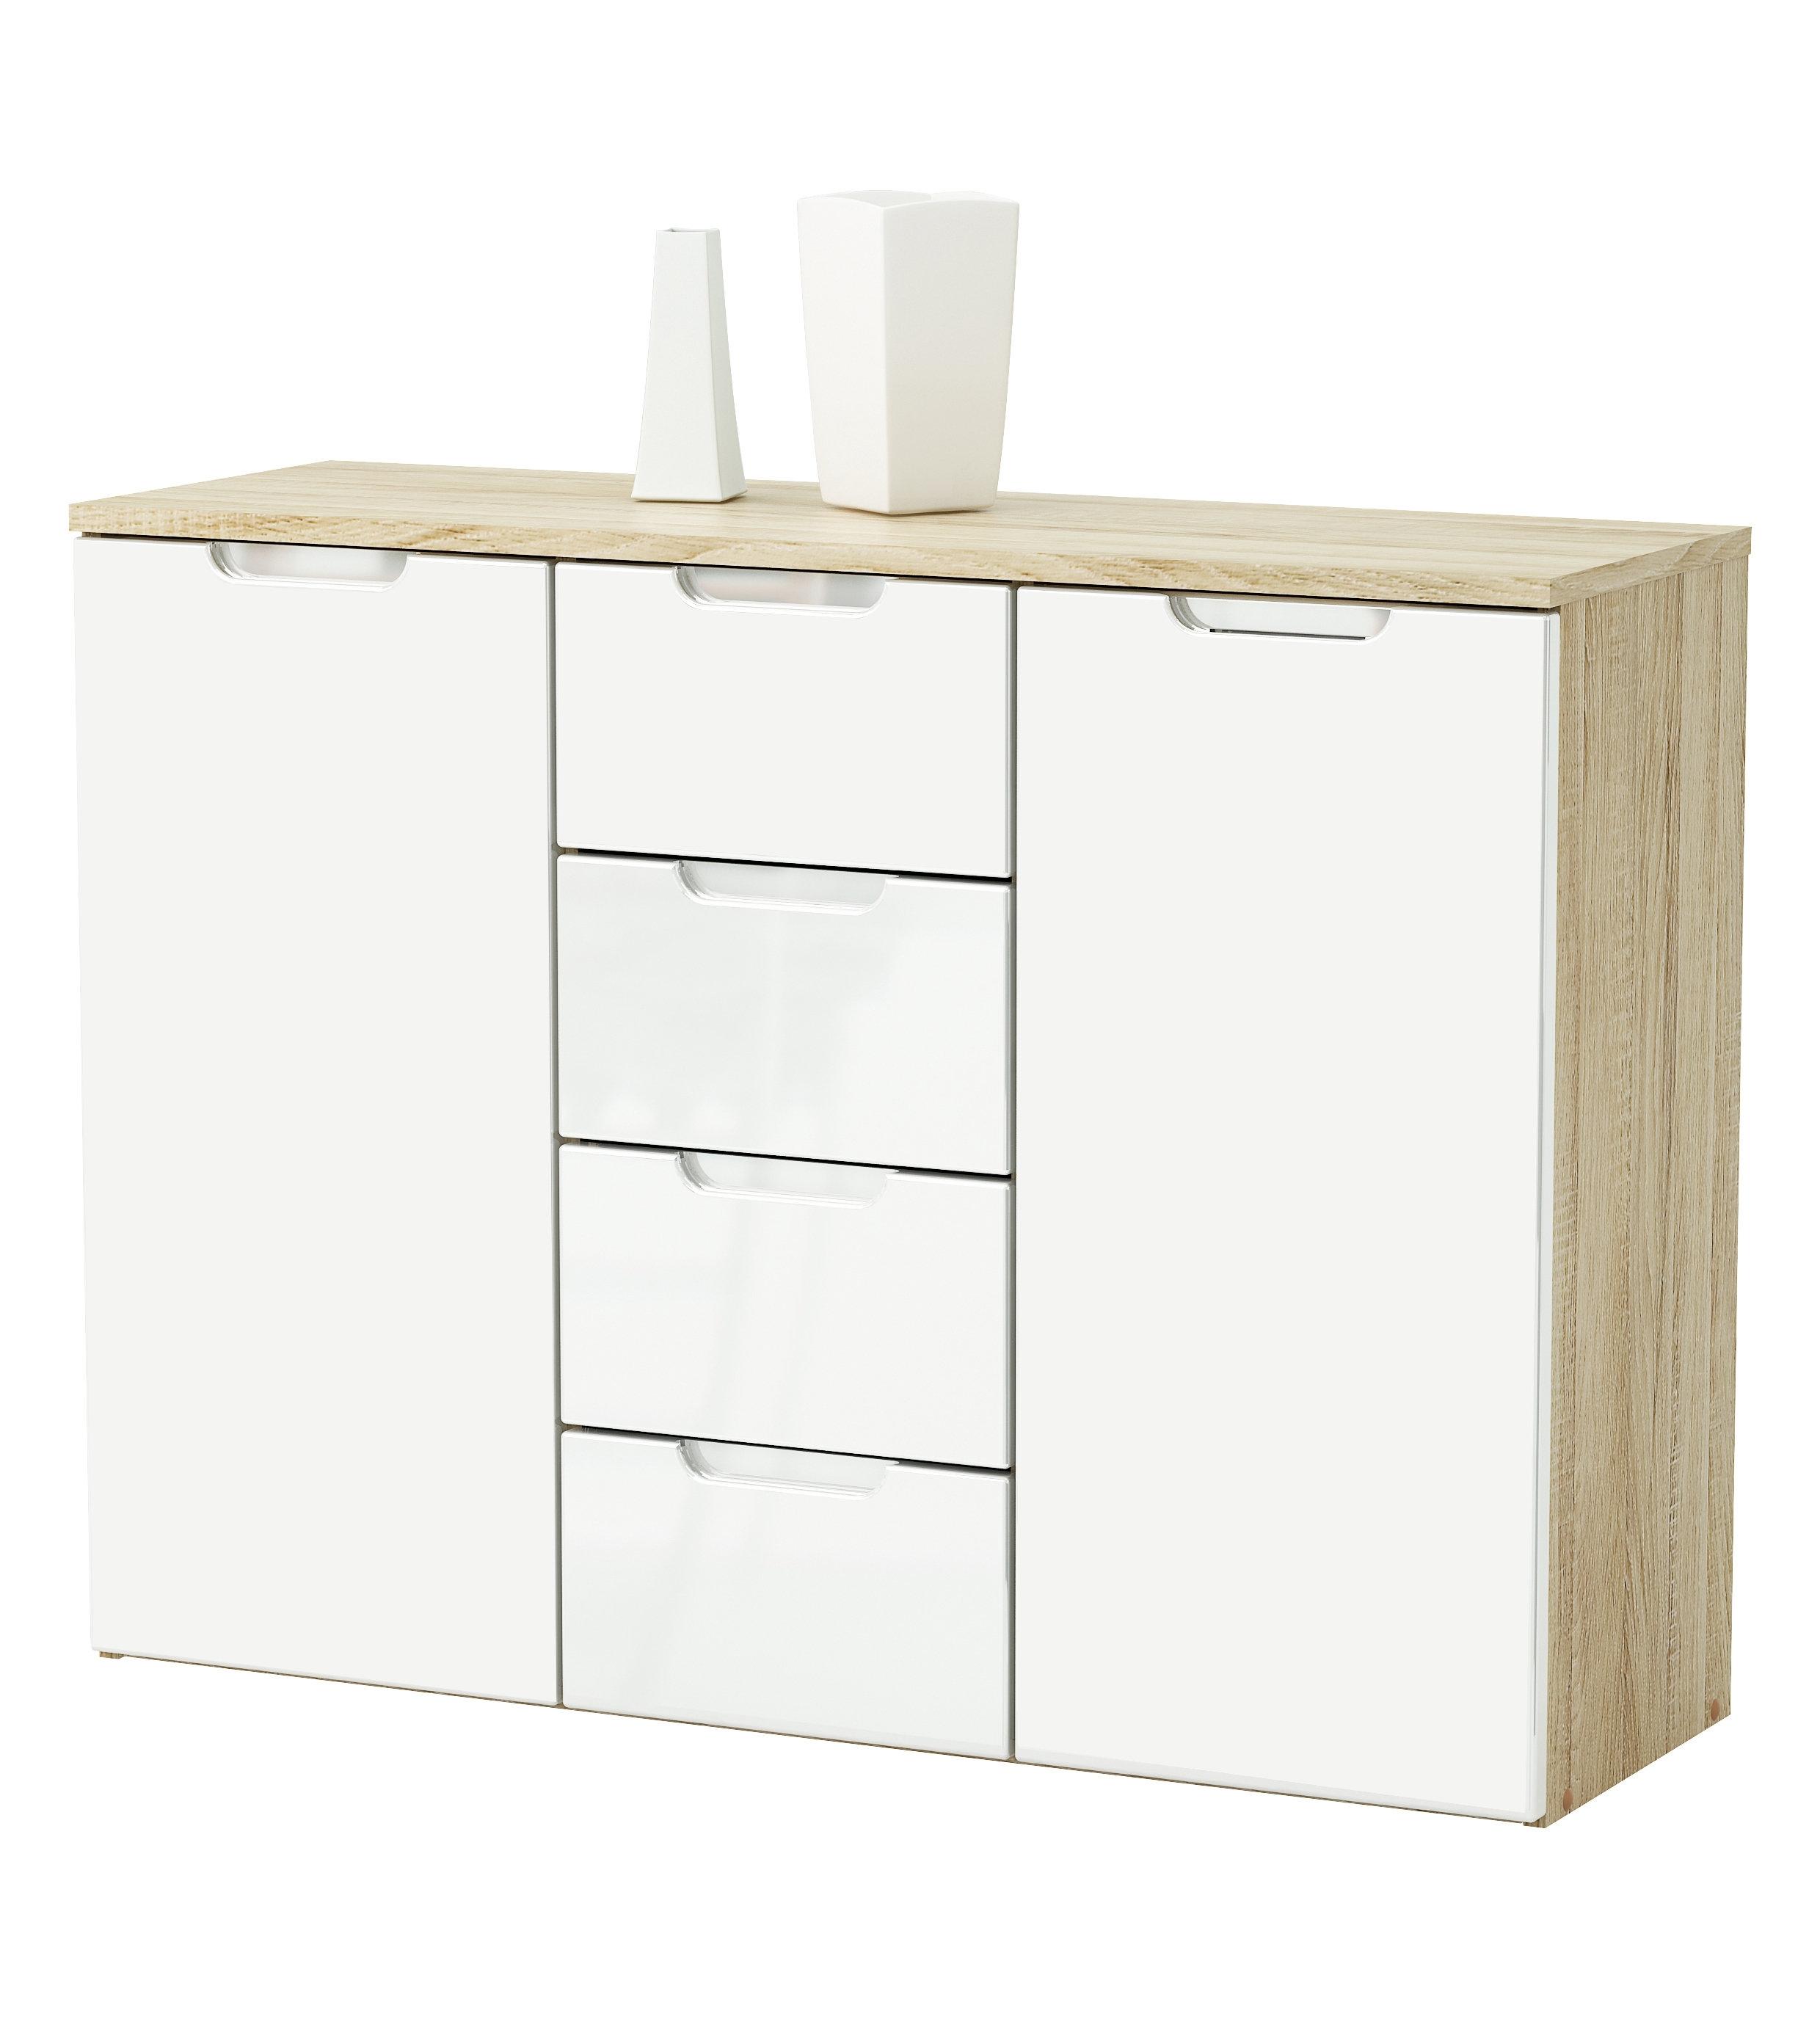 Home & Haus Pelee 2 Door 4 Drawer Sideboard & Reviews | Wayfair.co.uk intended for 2-Drawer Sideboards (Image 18 of 30)